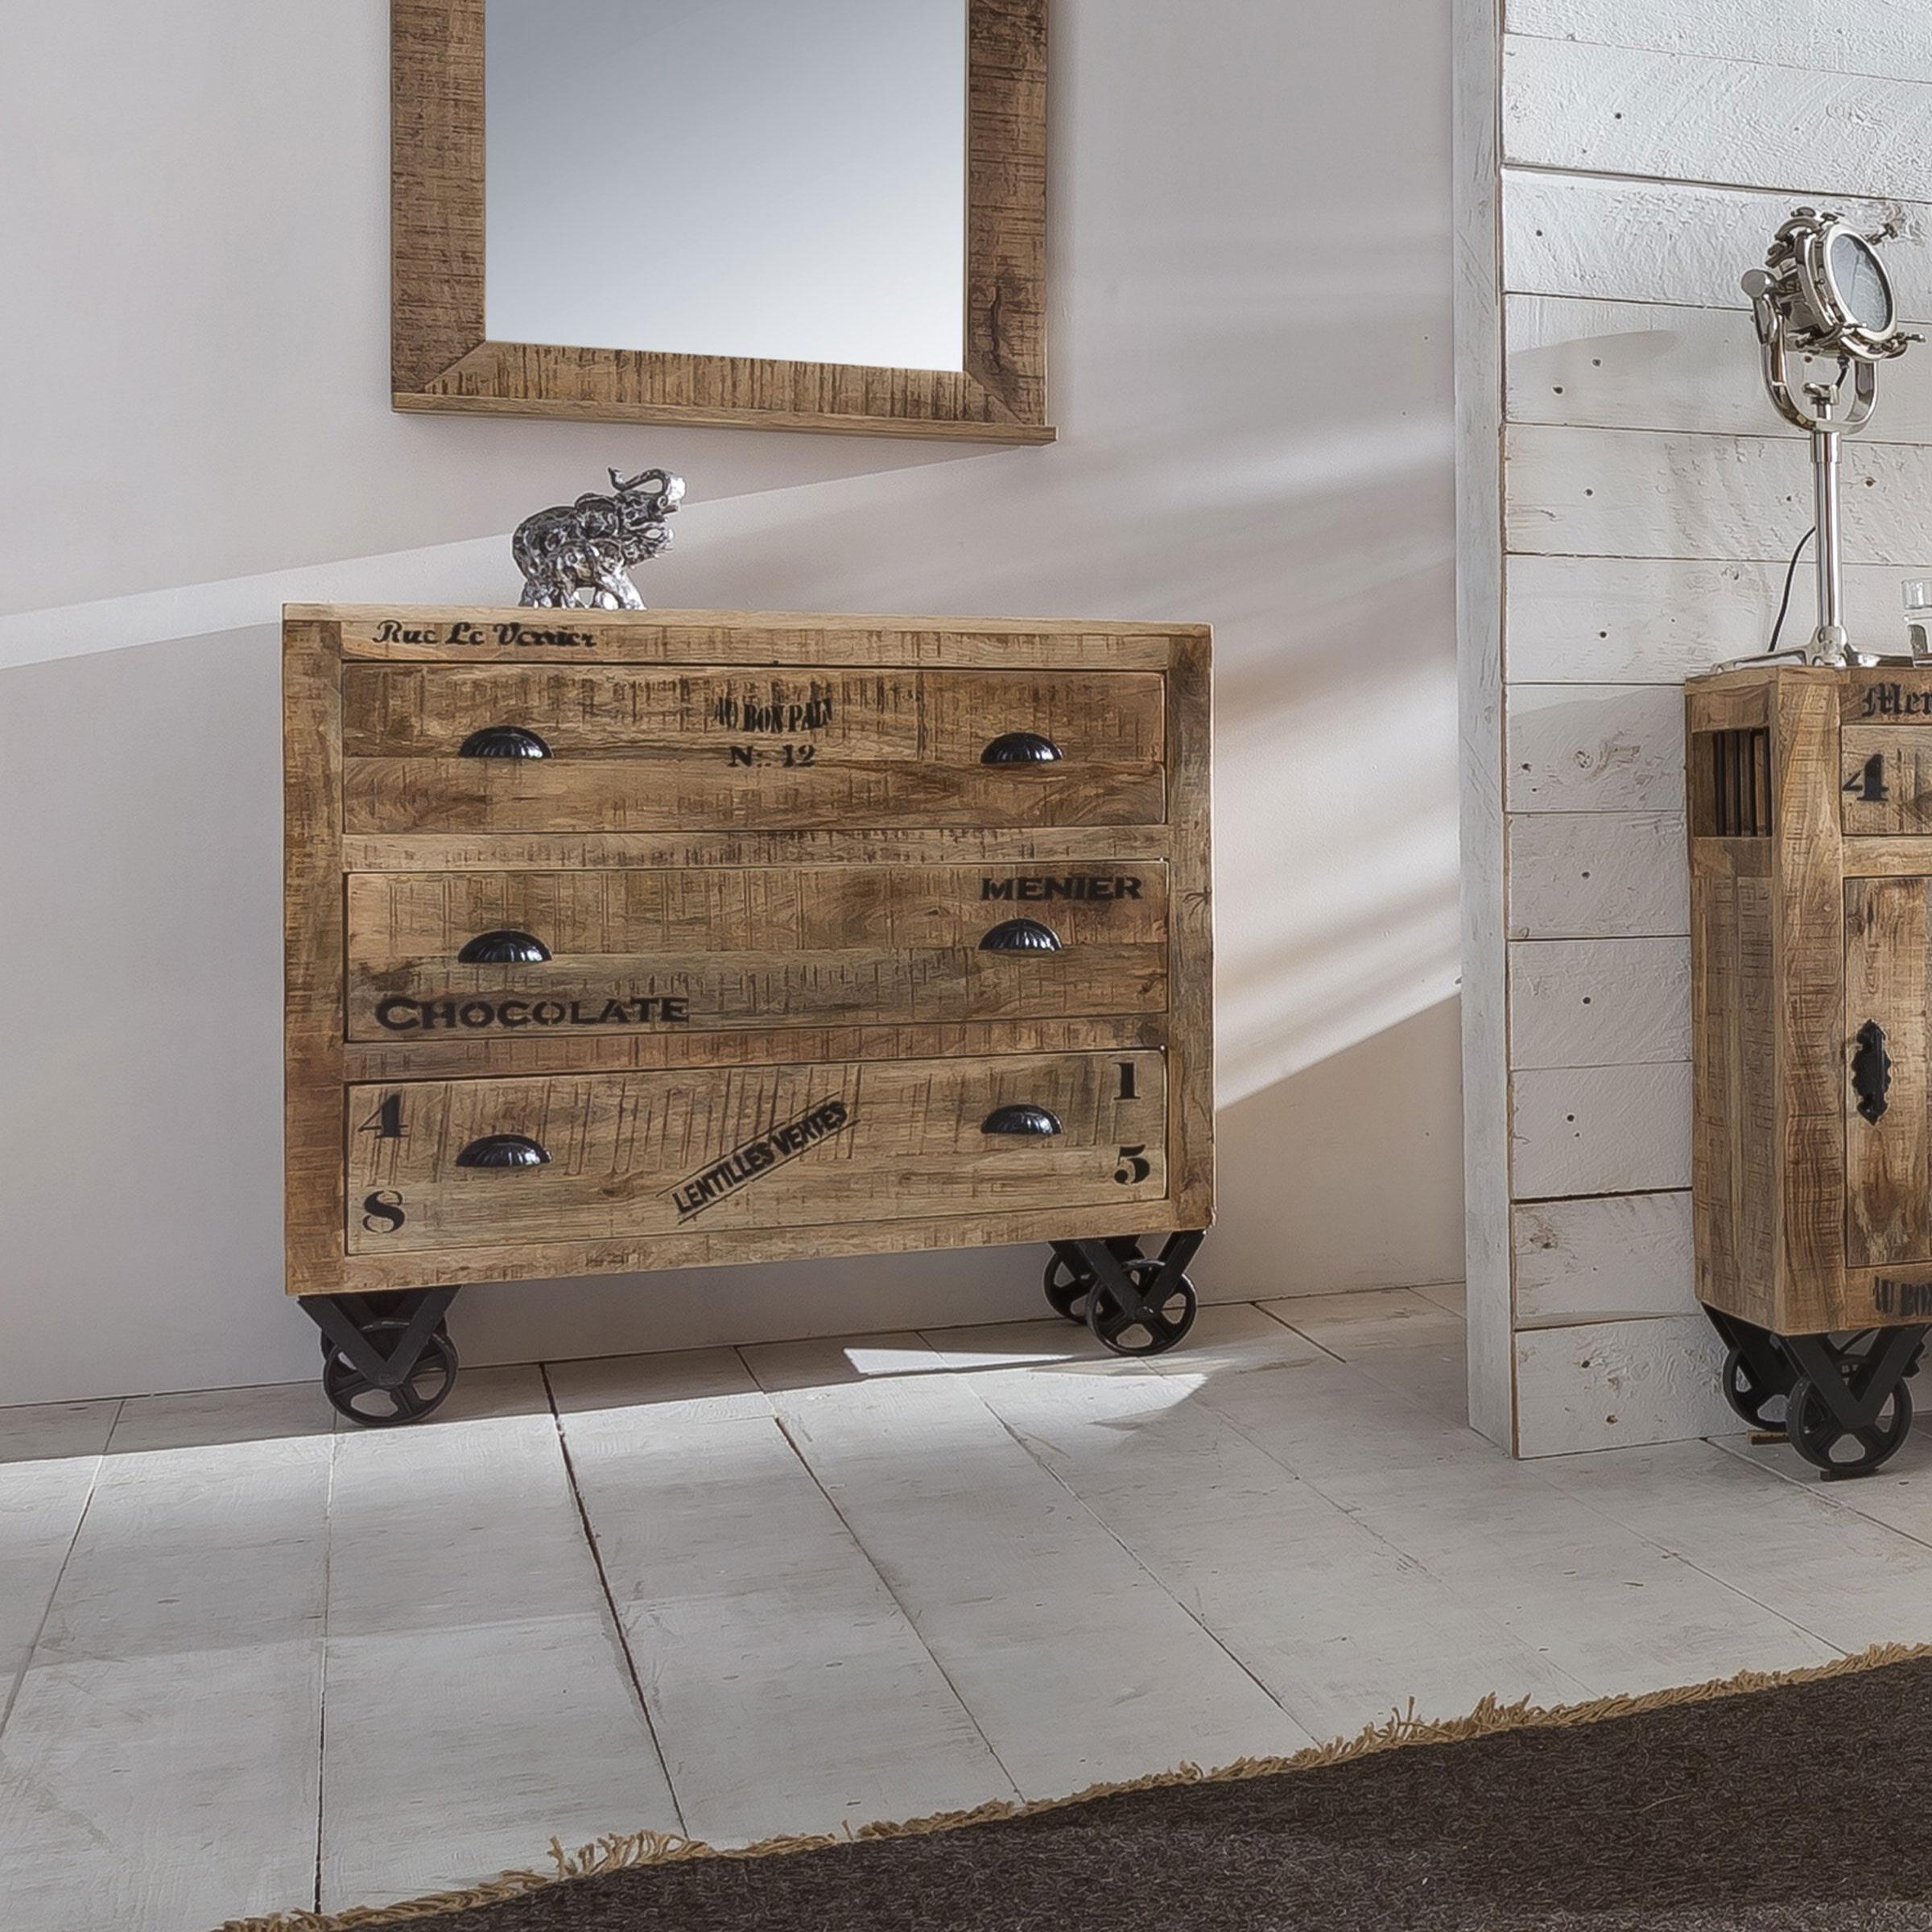 Op Trapstoel: Alles voor de inrichtng van uw woning is alles over meubelen te vinden: waaronder meubelpartner en specifiek Artistiq Dressoir Armin 90cm (Artistiq-Dressoir-Armin-90cm21207)